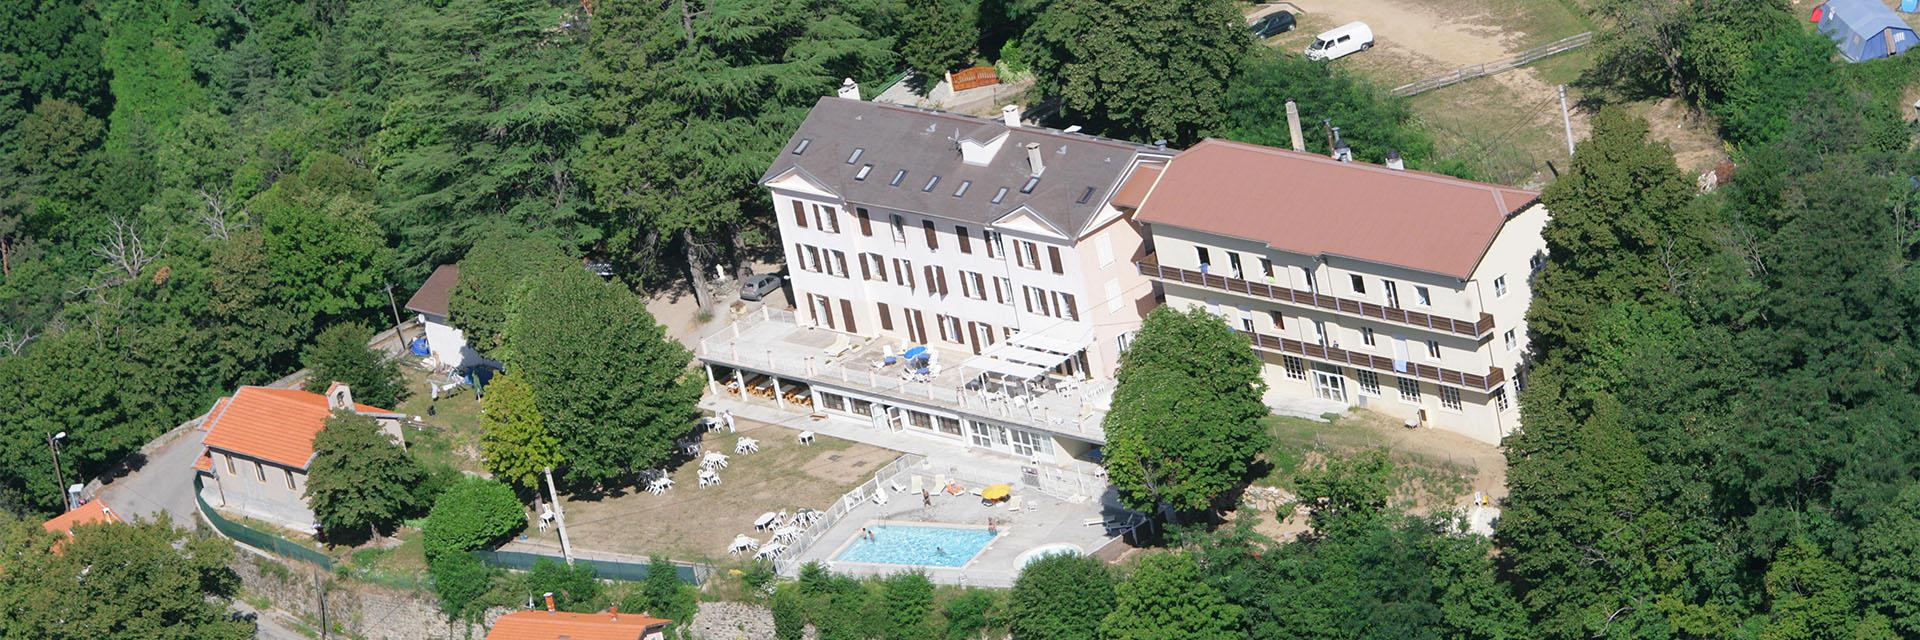 Village_club_vacances_alpes-de-haute-provence_semeuse_village